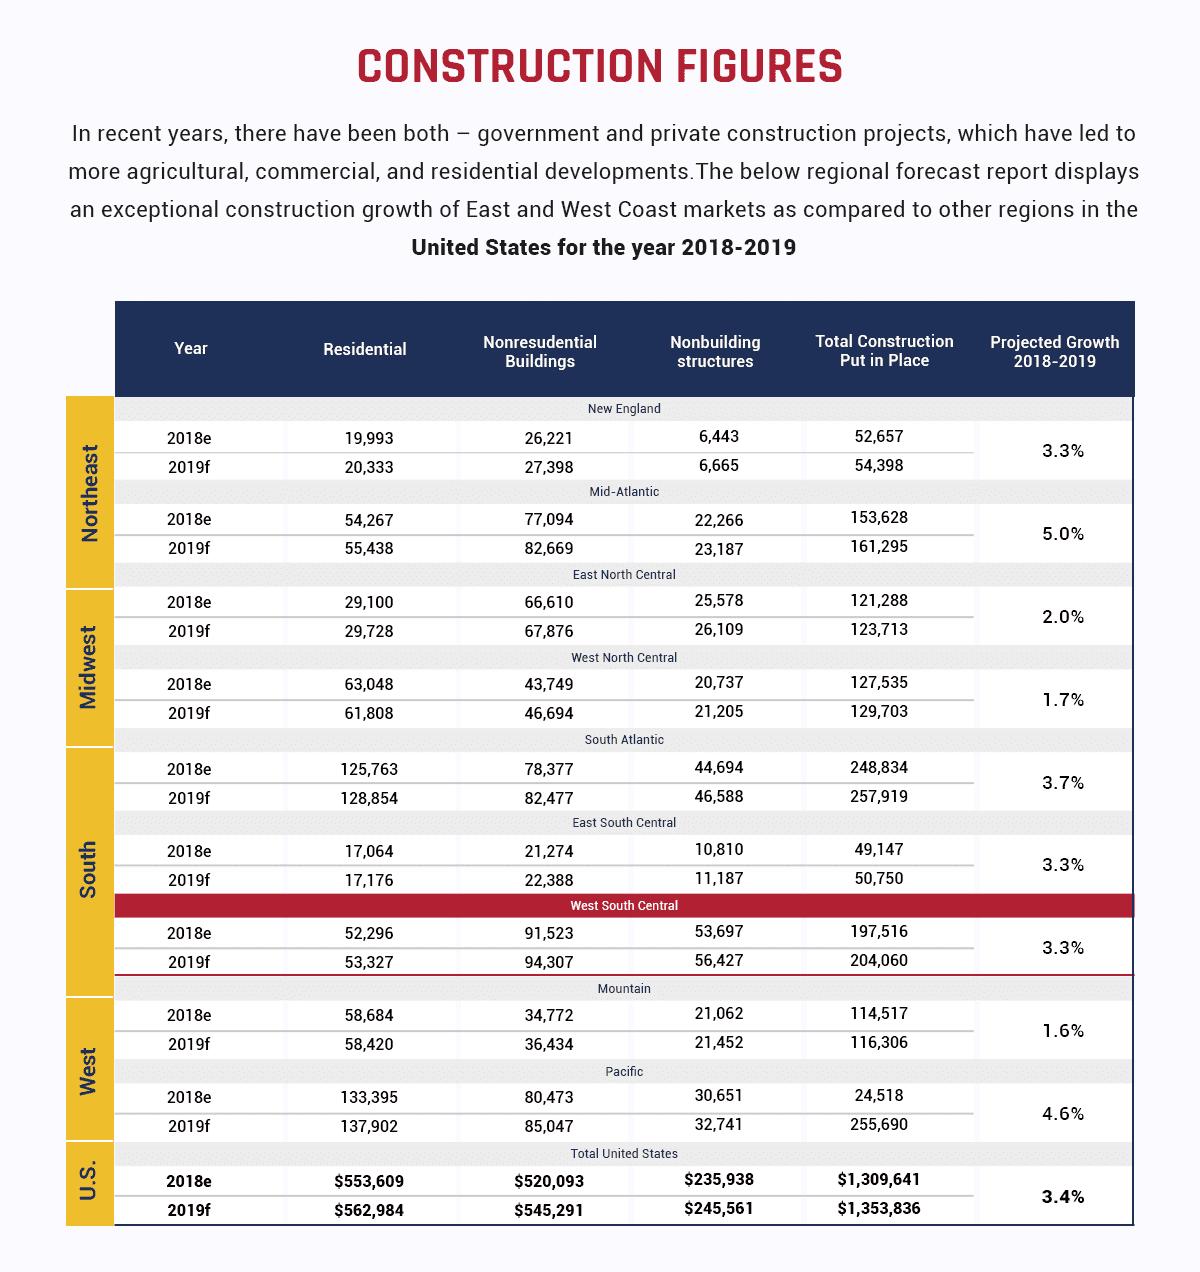 Construction Figures